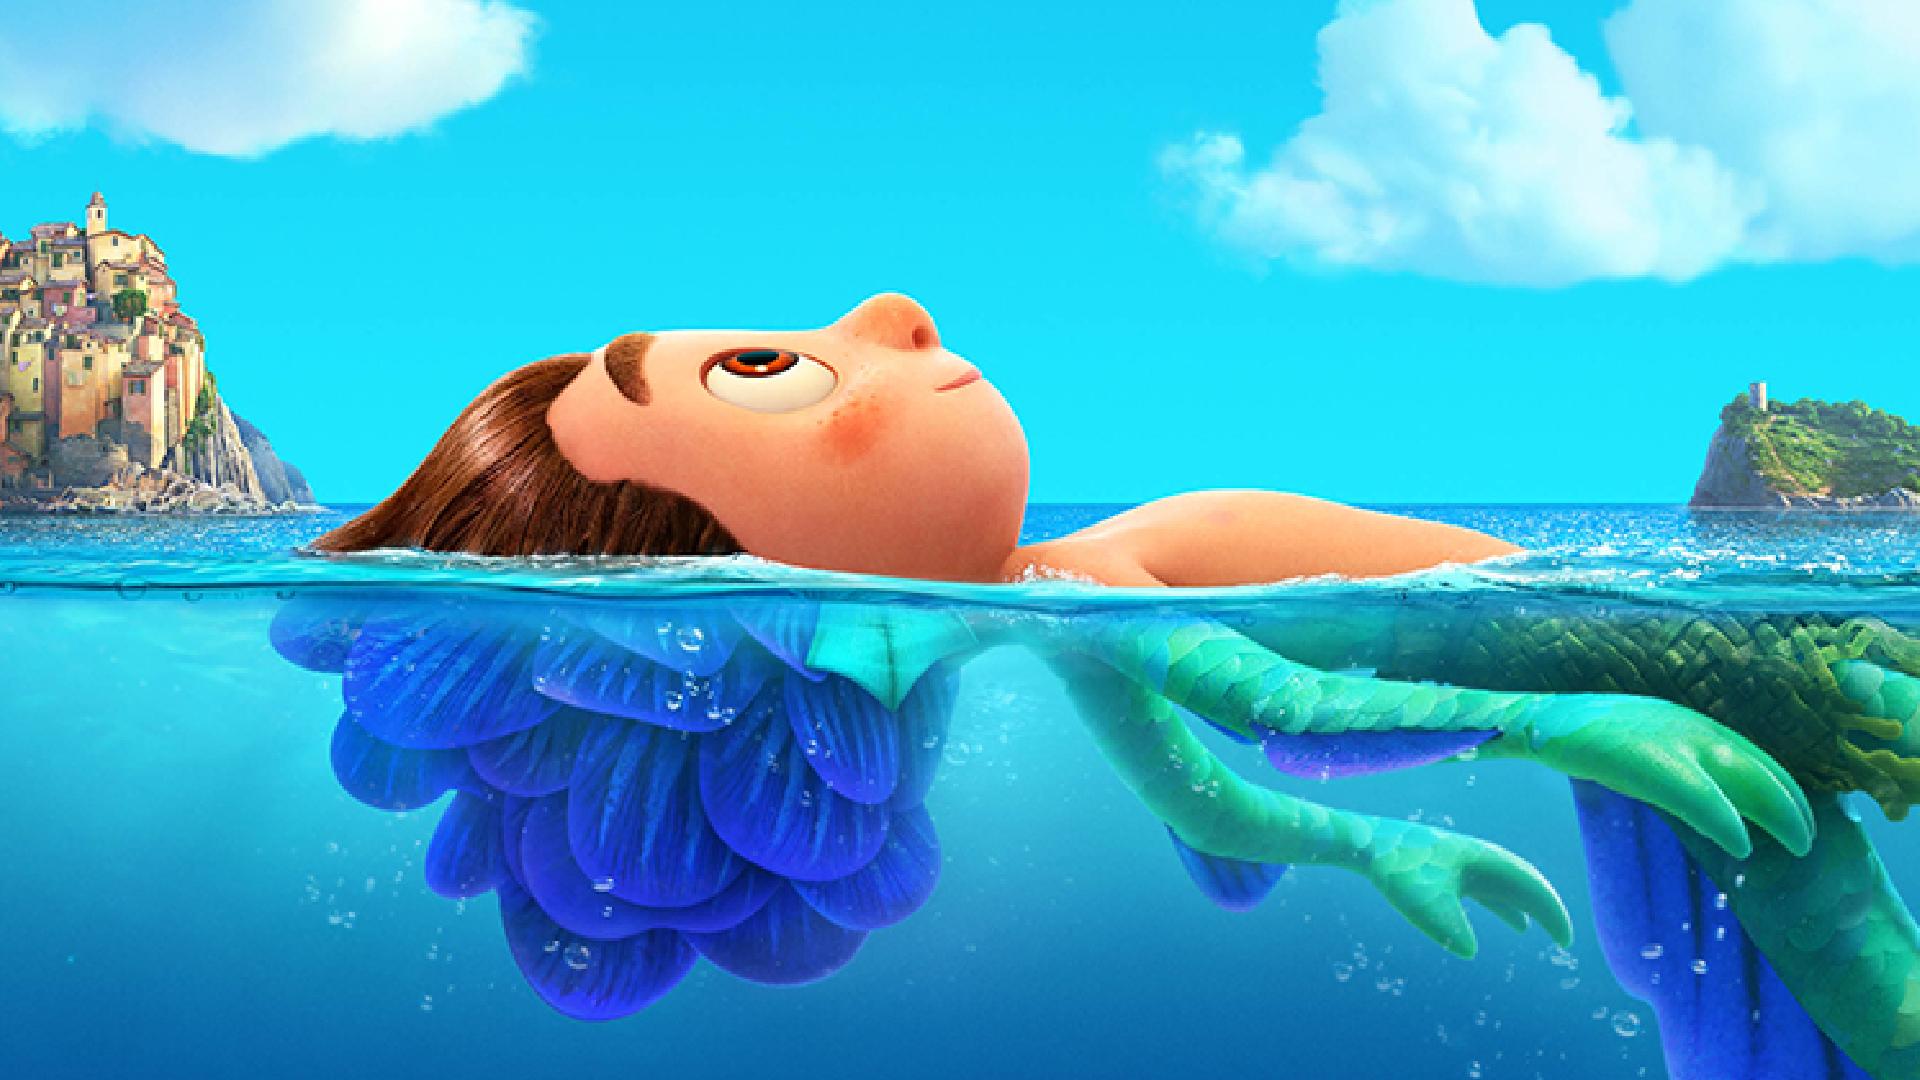 Luca är en av de bästa filmerna på Disney+.